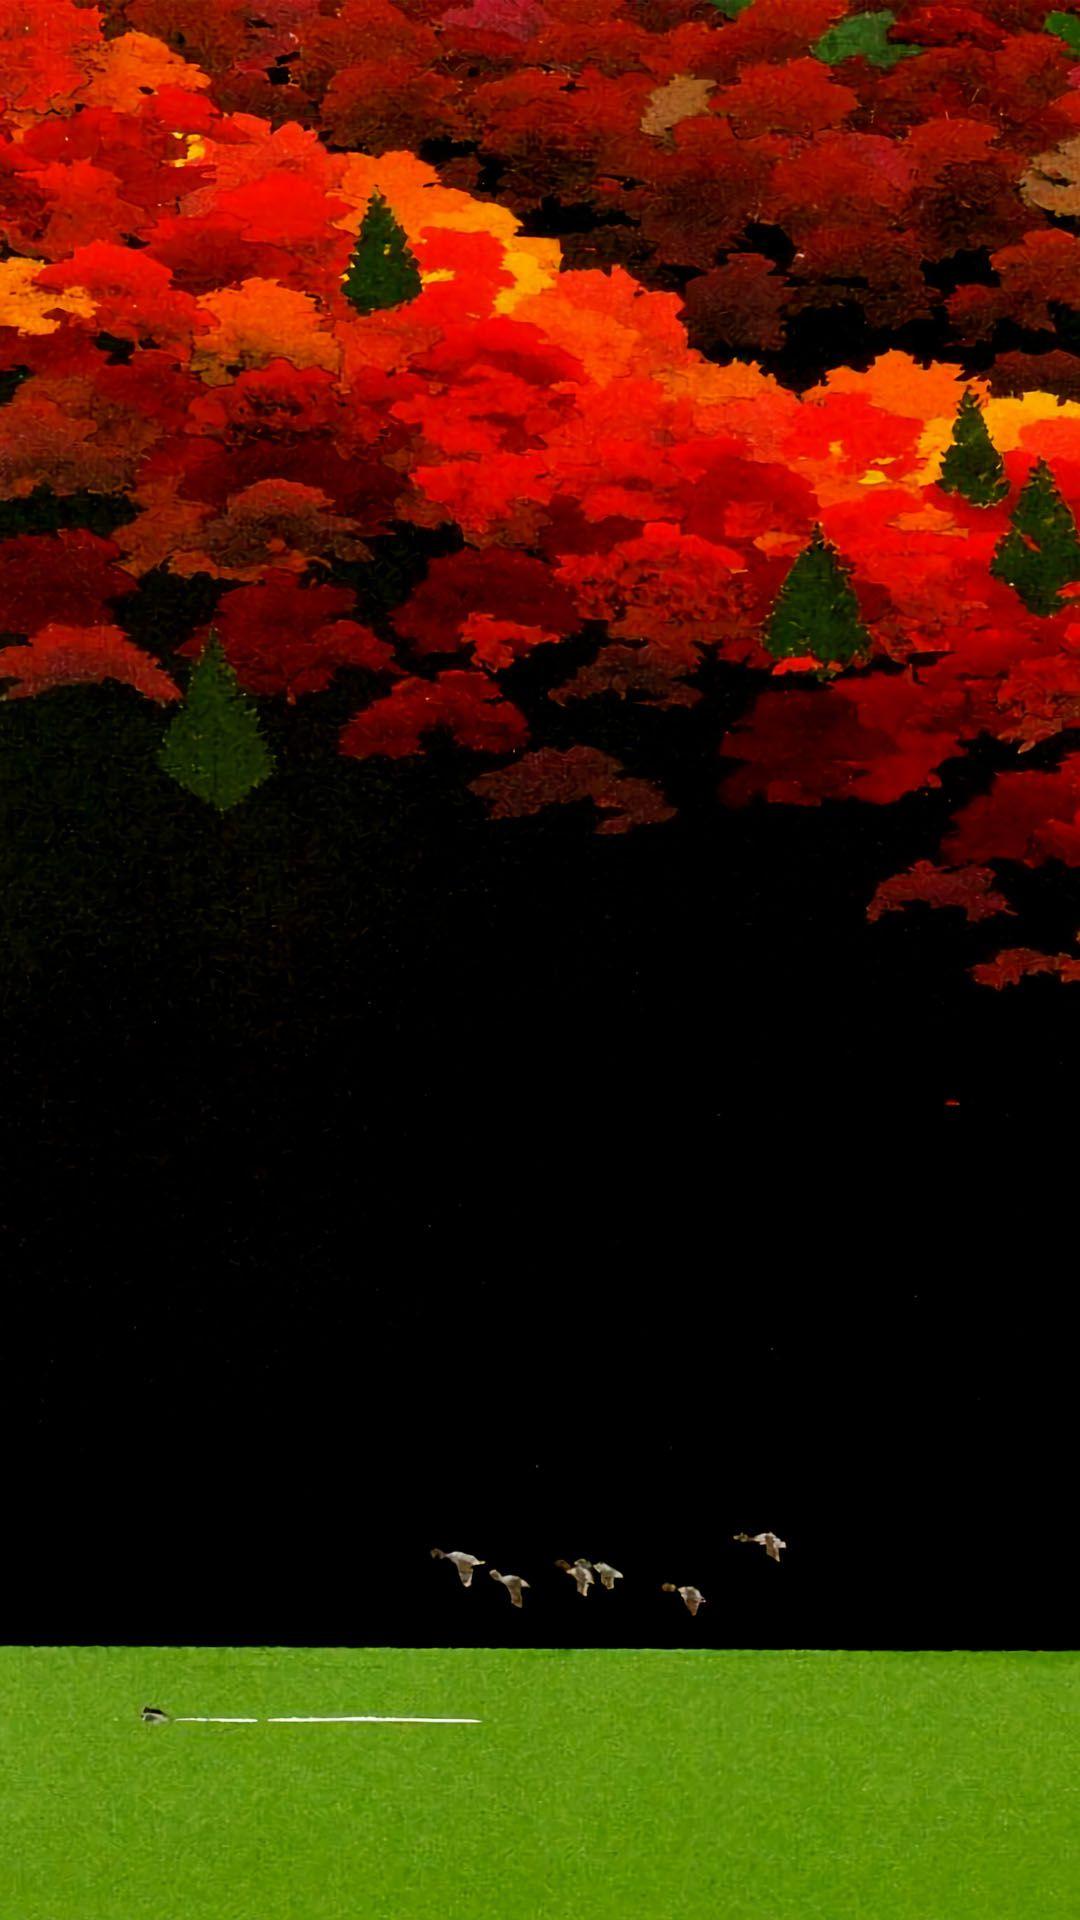 内田正泰 映える緑湖 スマホ用壁紙 1080x19 アートのアイデア 壁紙 影絵